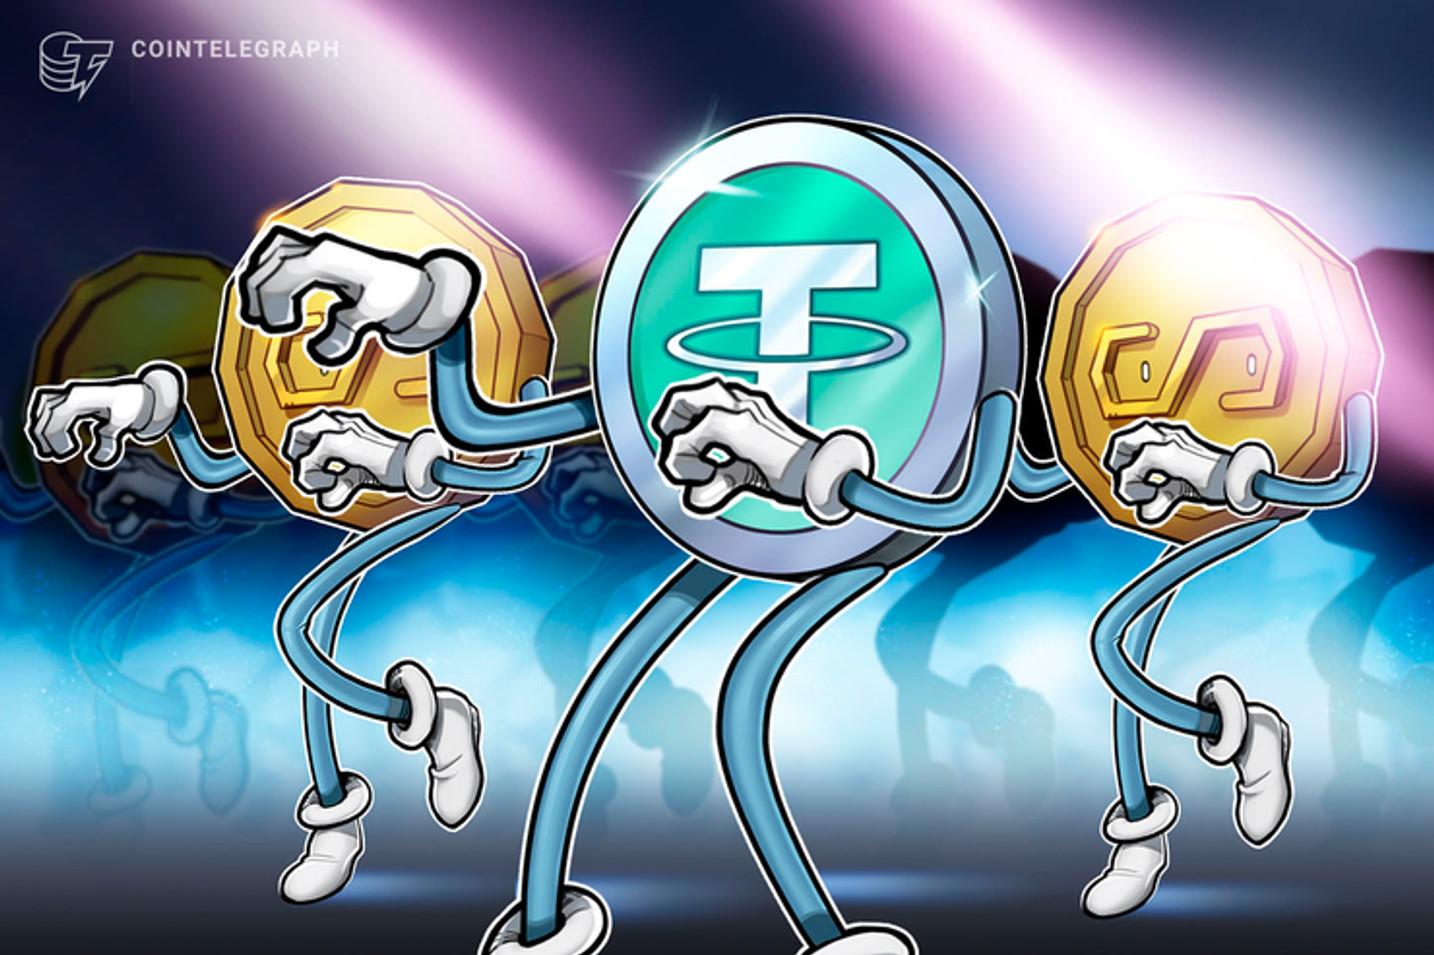 """""""Bitcoin no es la criptomoneda más utilizada"""", dice informe de Bloomberg sobre activos digitales"""